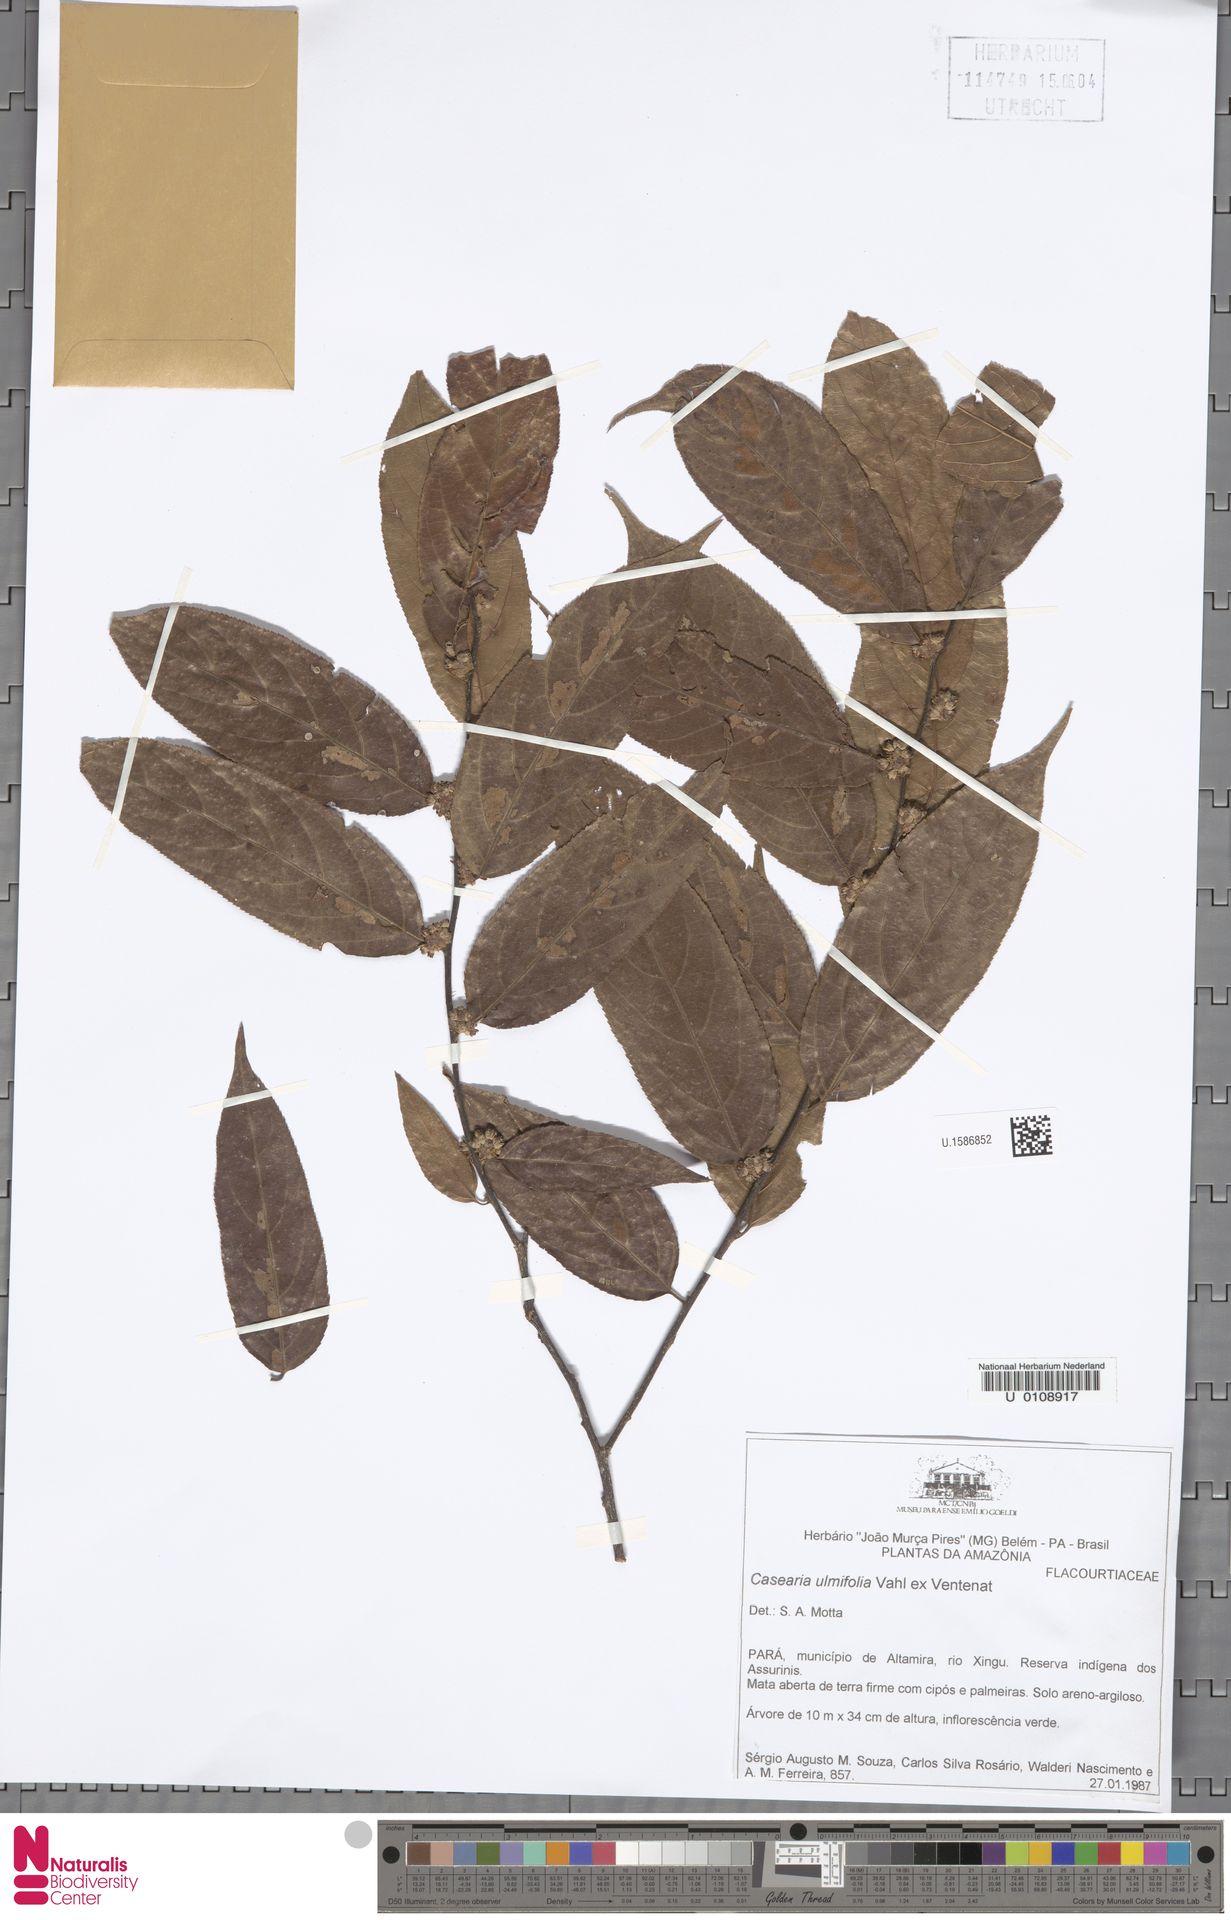 U.1586852 | Casearia ulmifolia Vahl ex Vent.